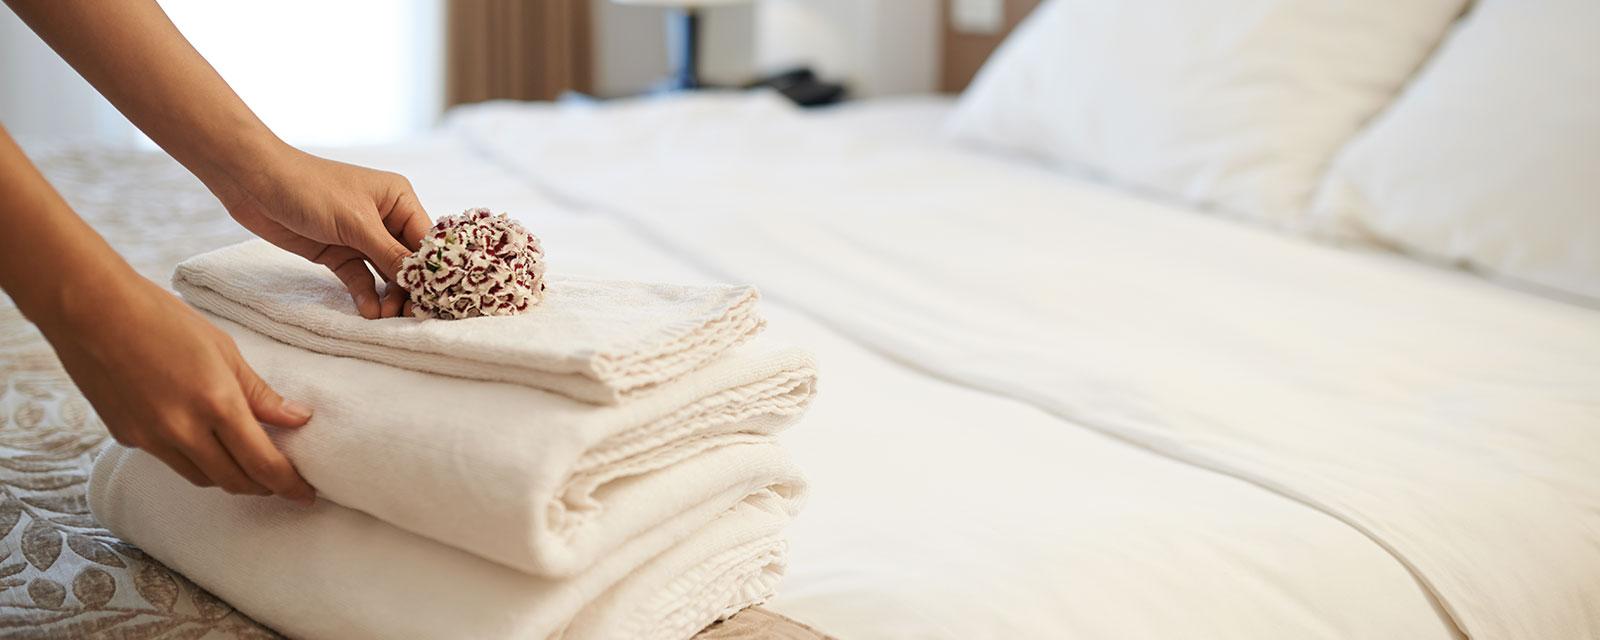 equipos de lavanderia industrial para hoteles